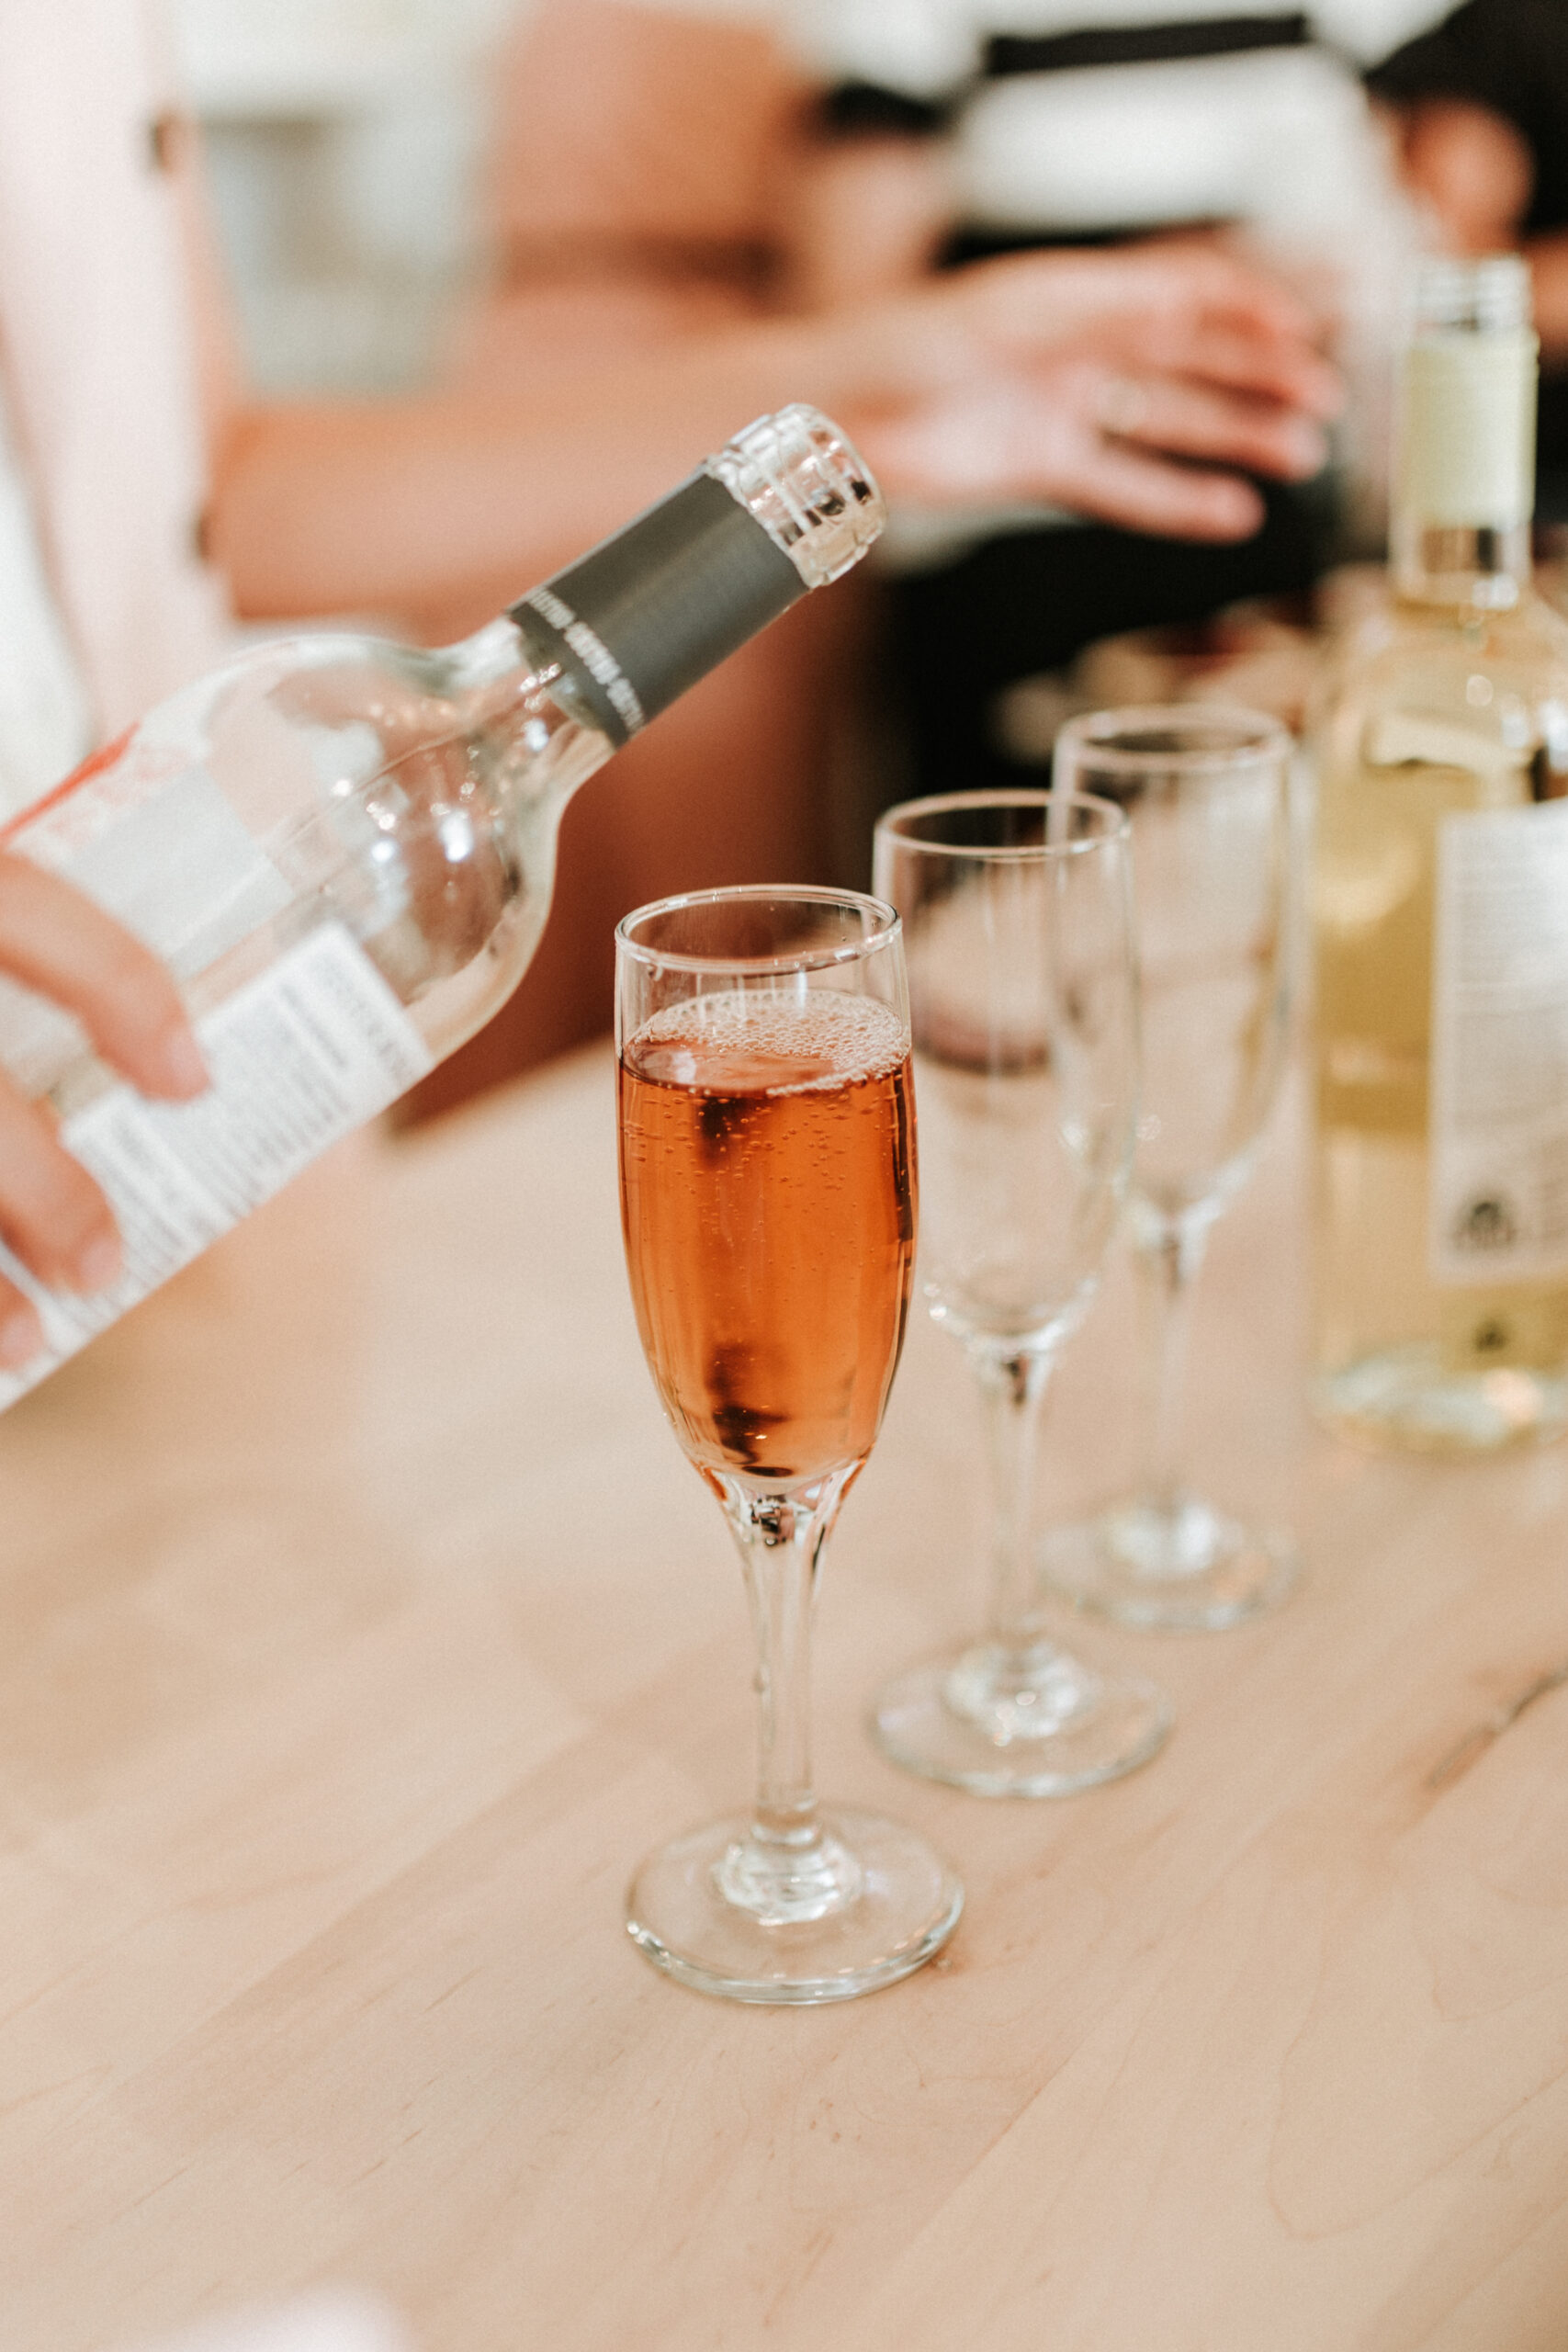 Tavola Wine, Wine, Lemon Laine